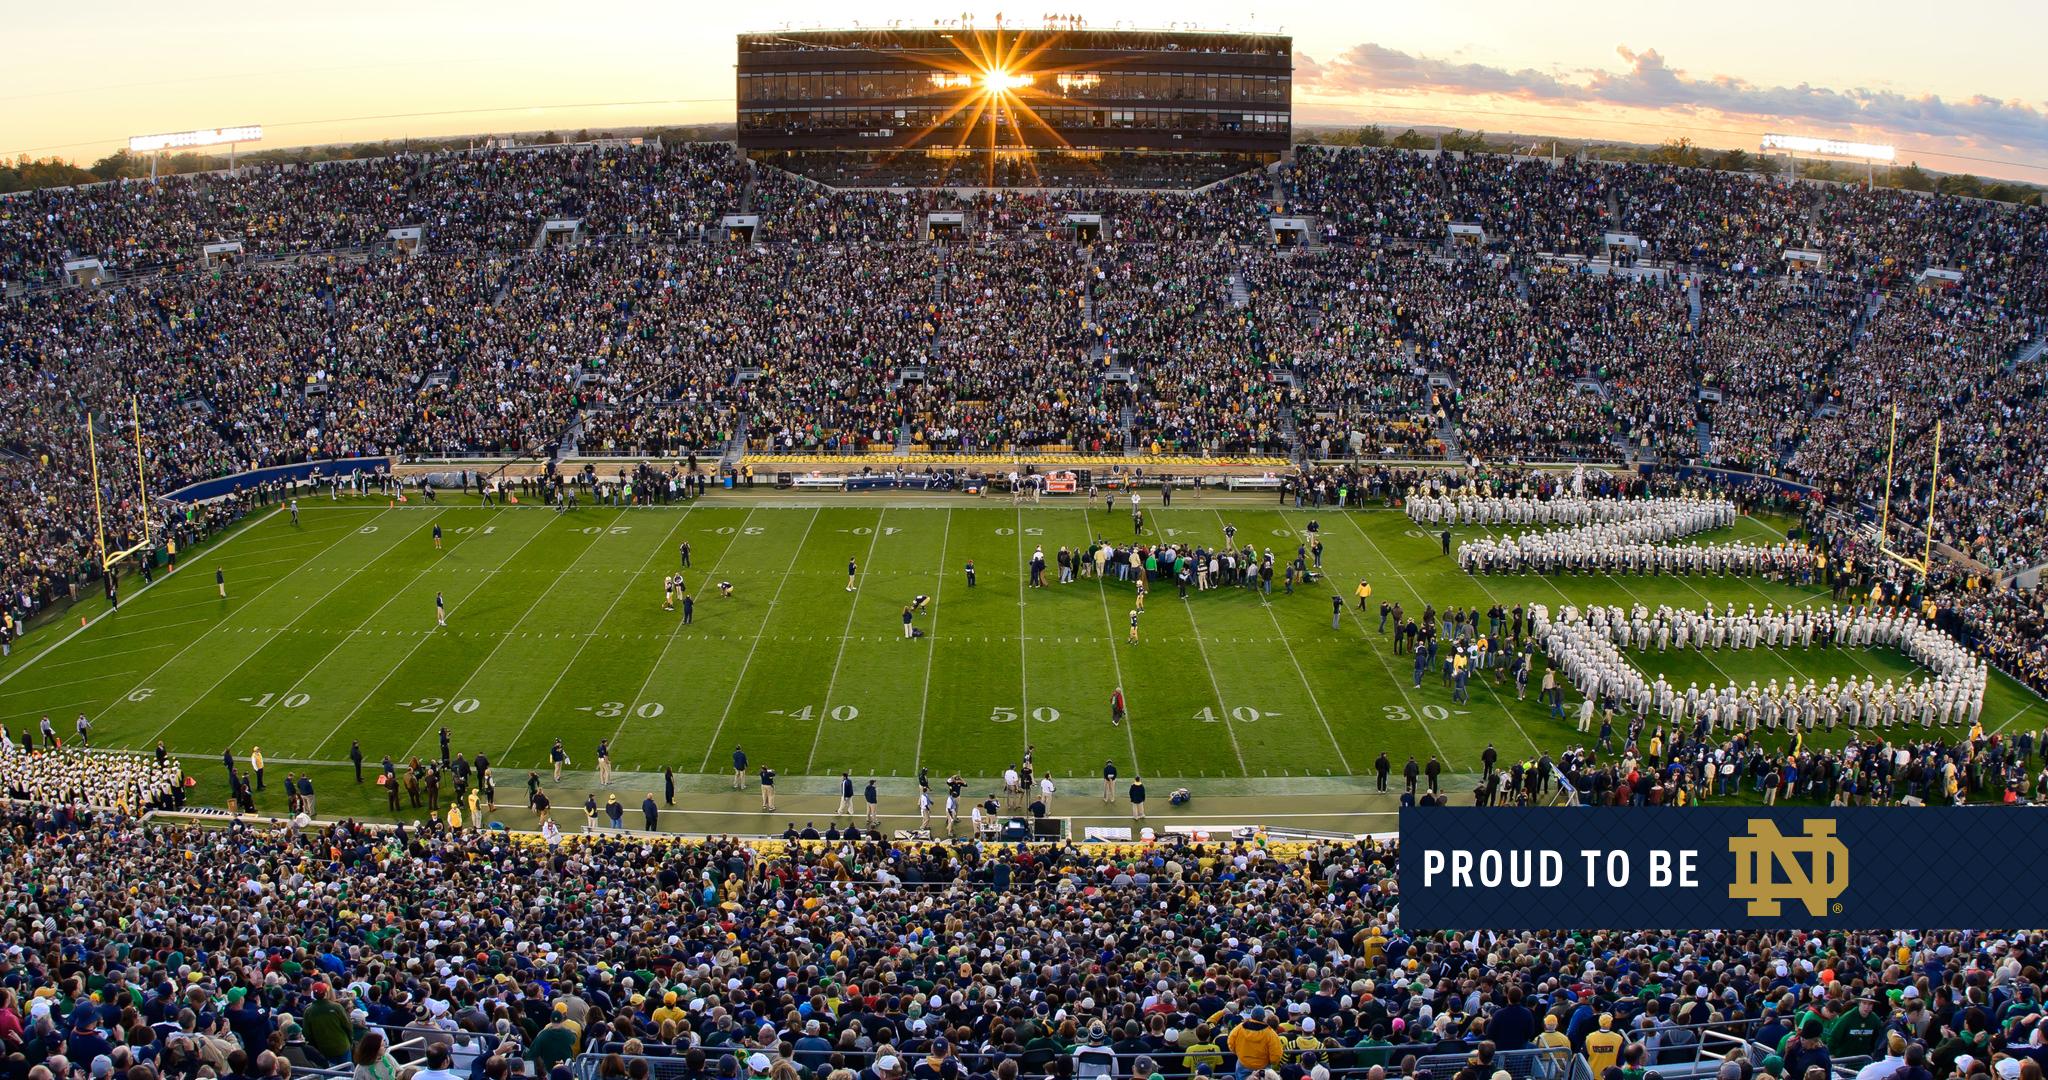 ND Stadium